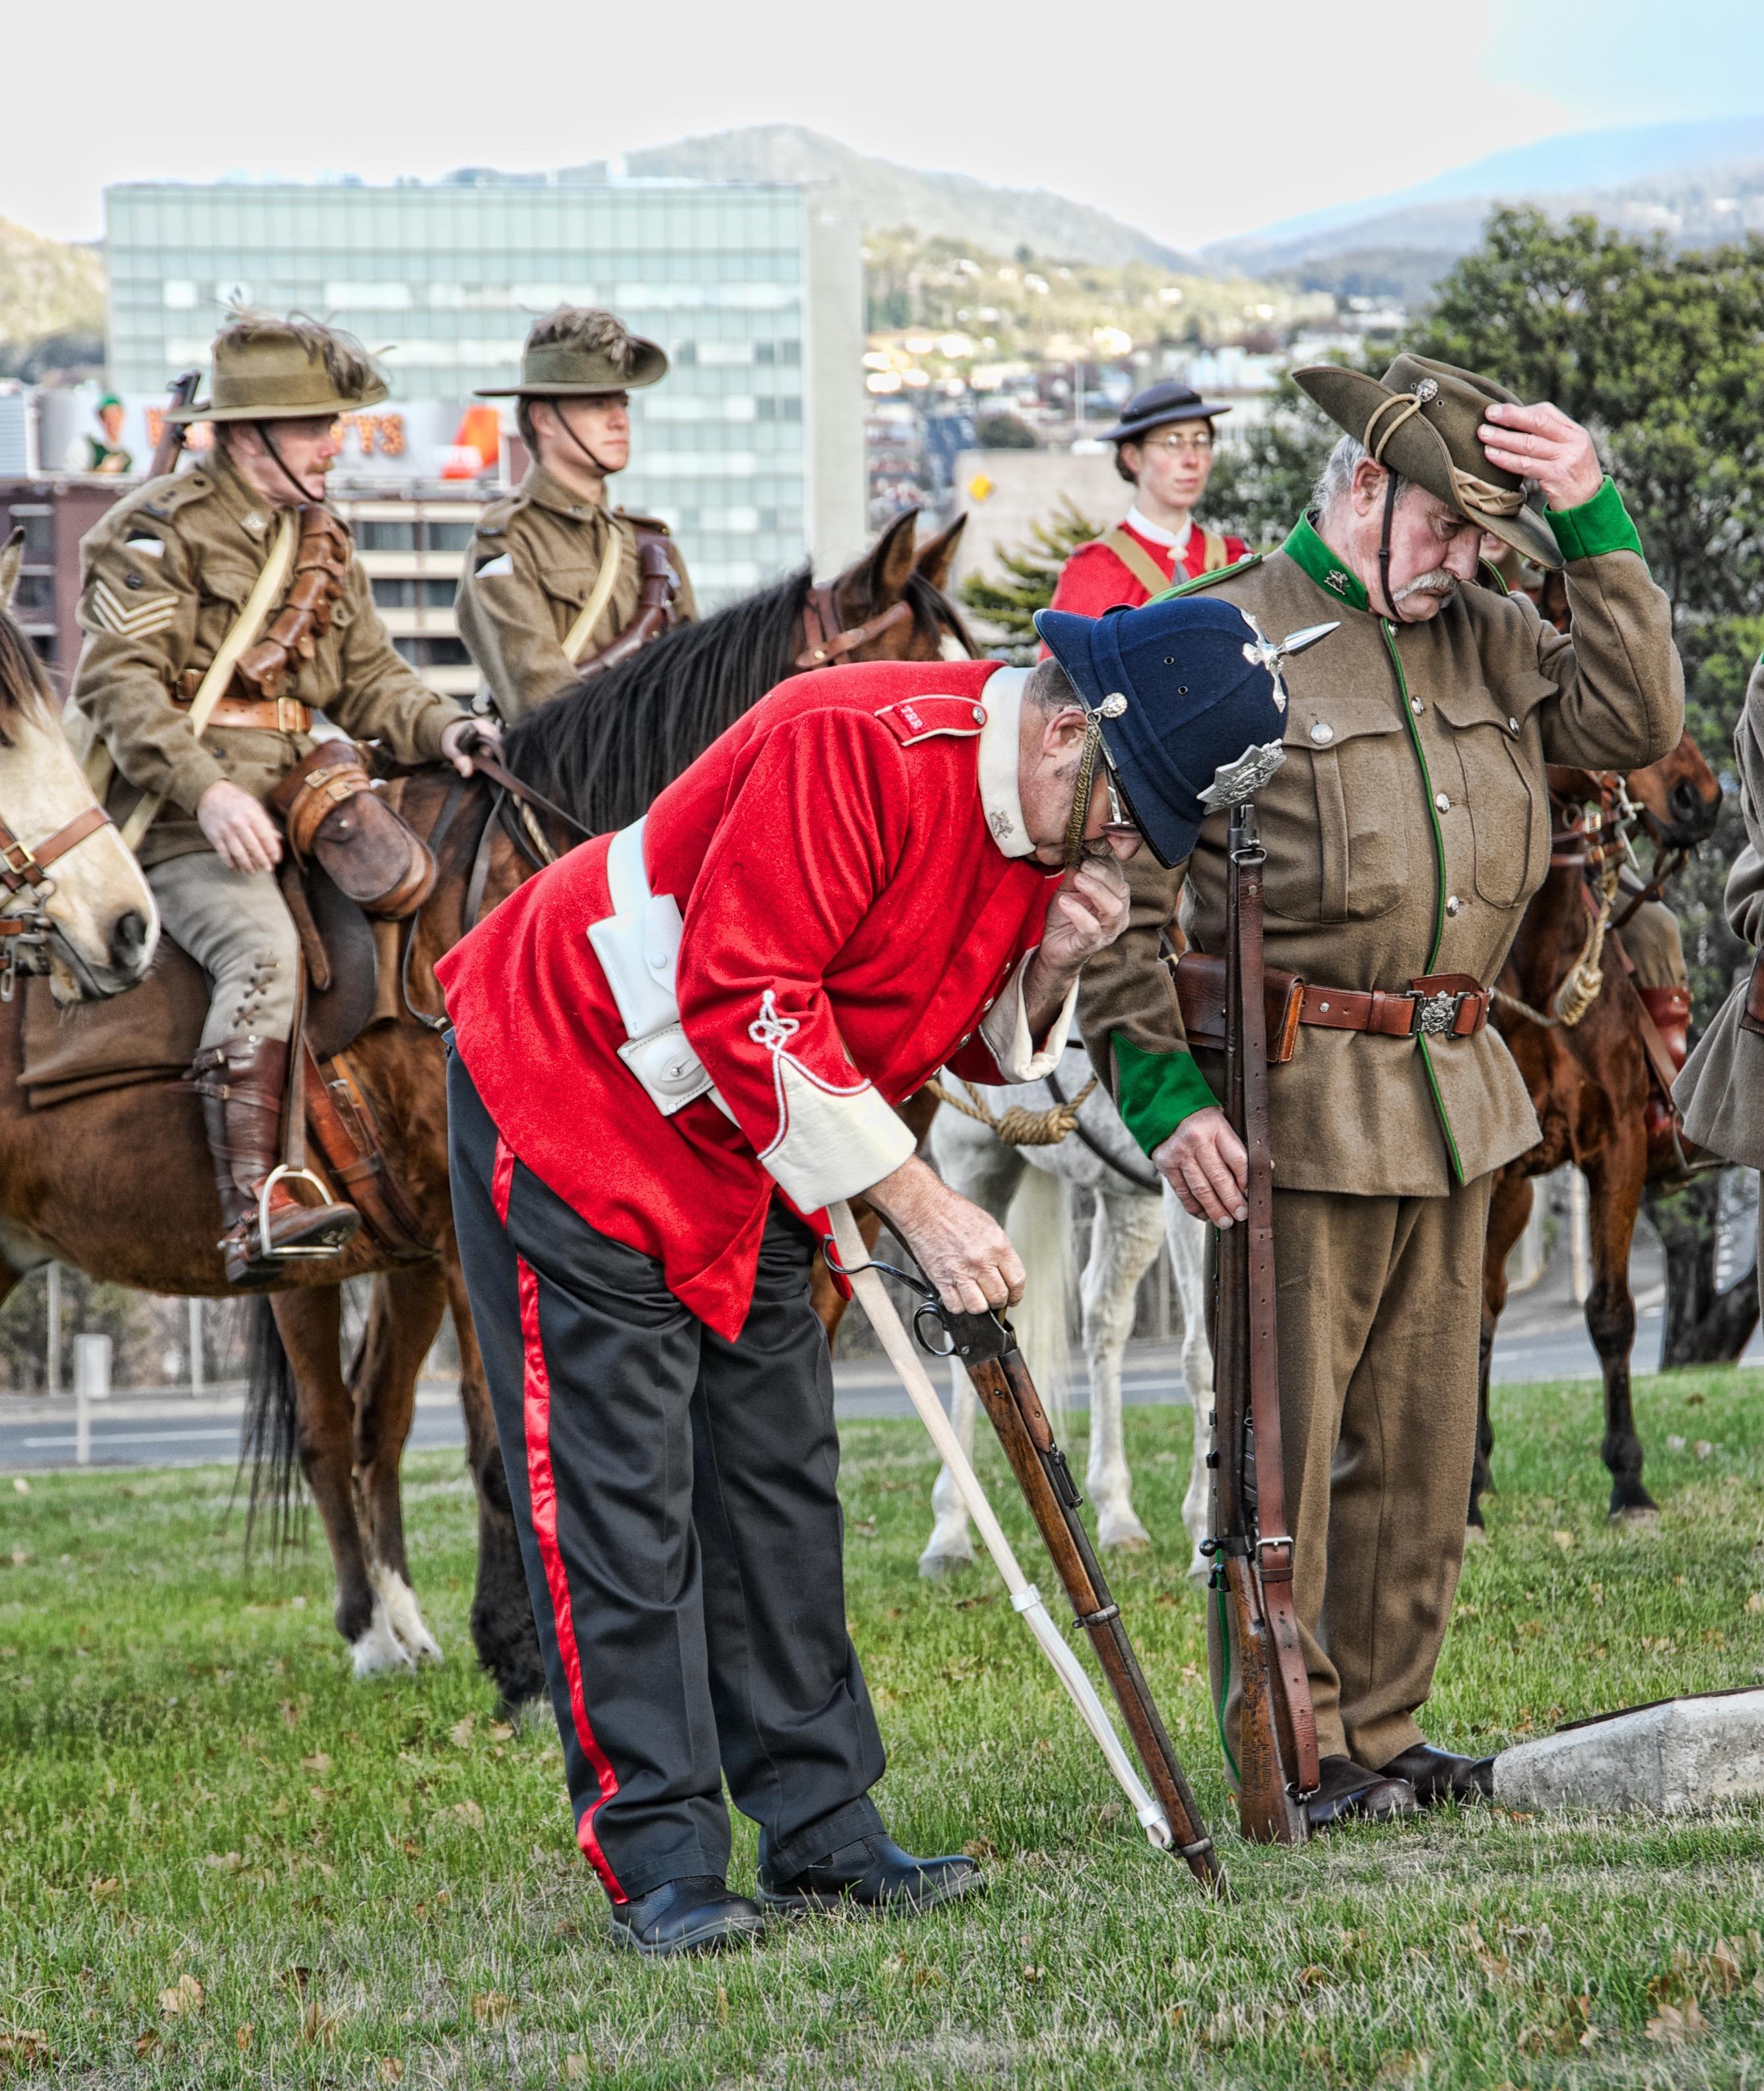 Boer War re-enactment